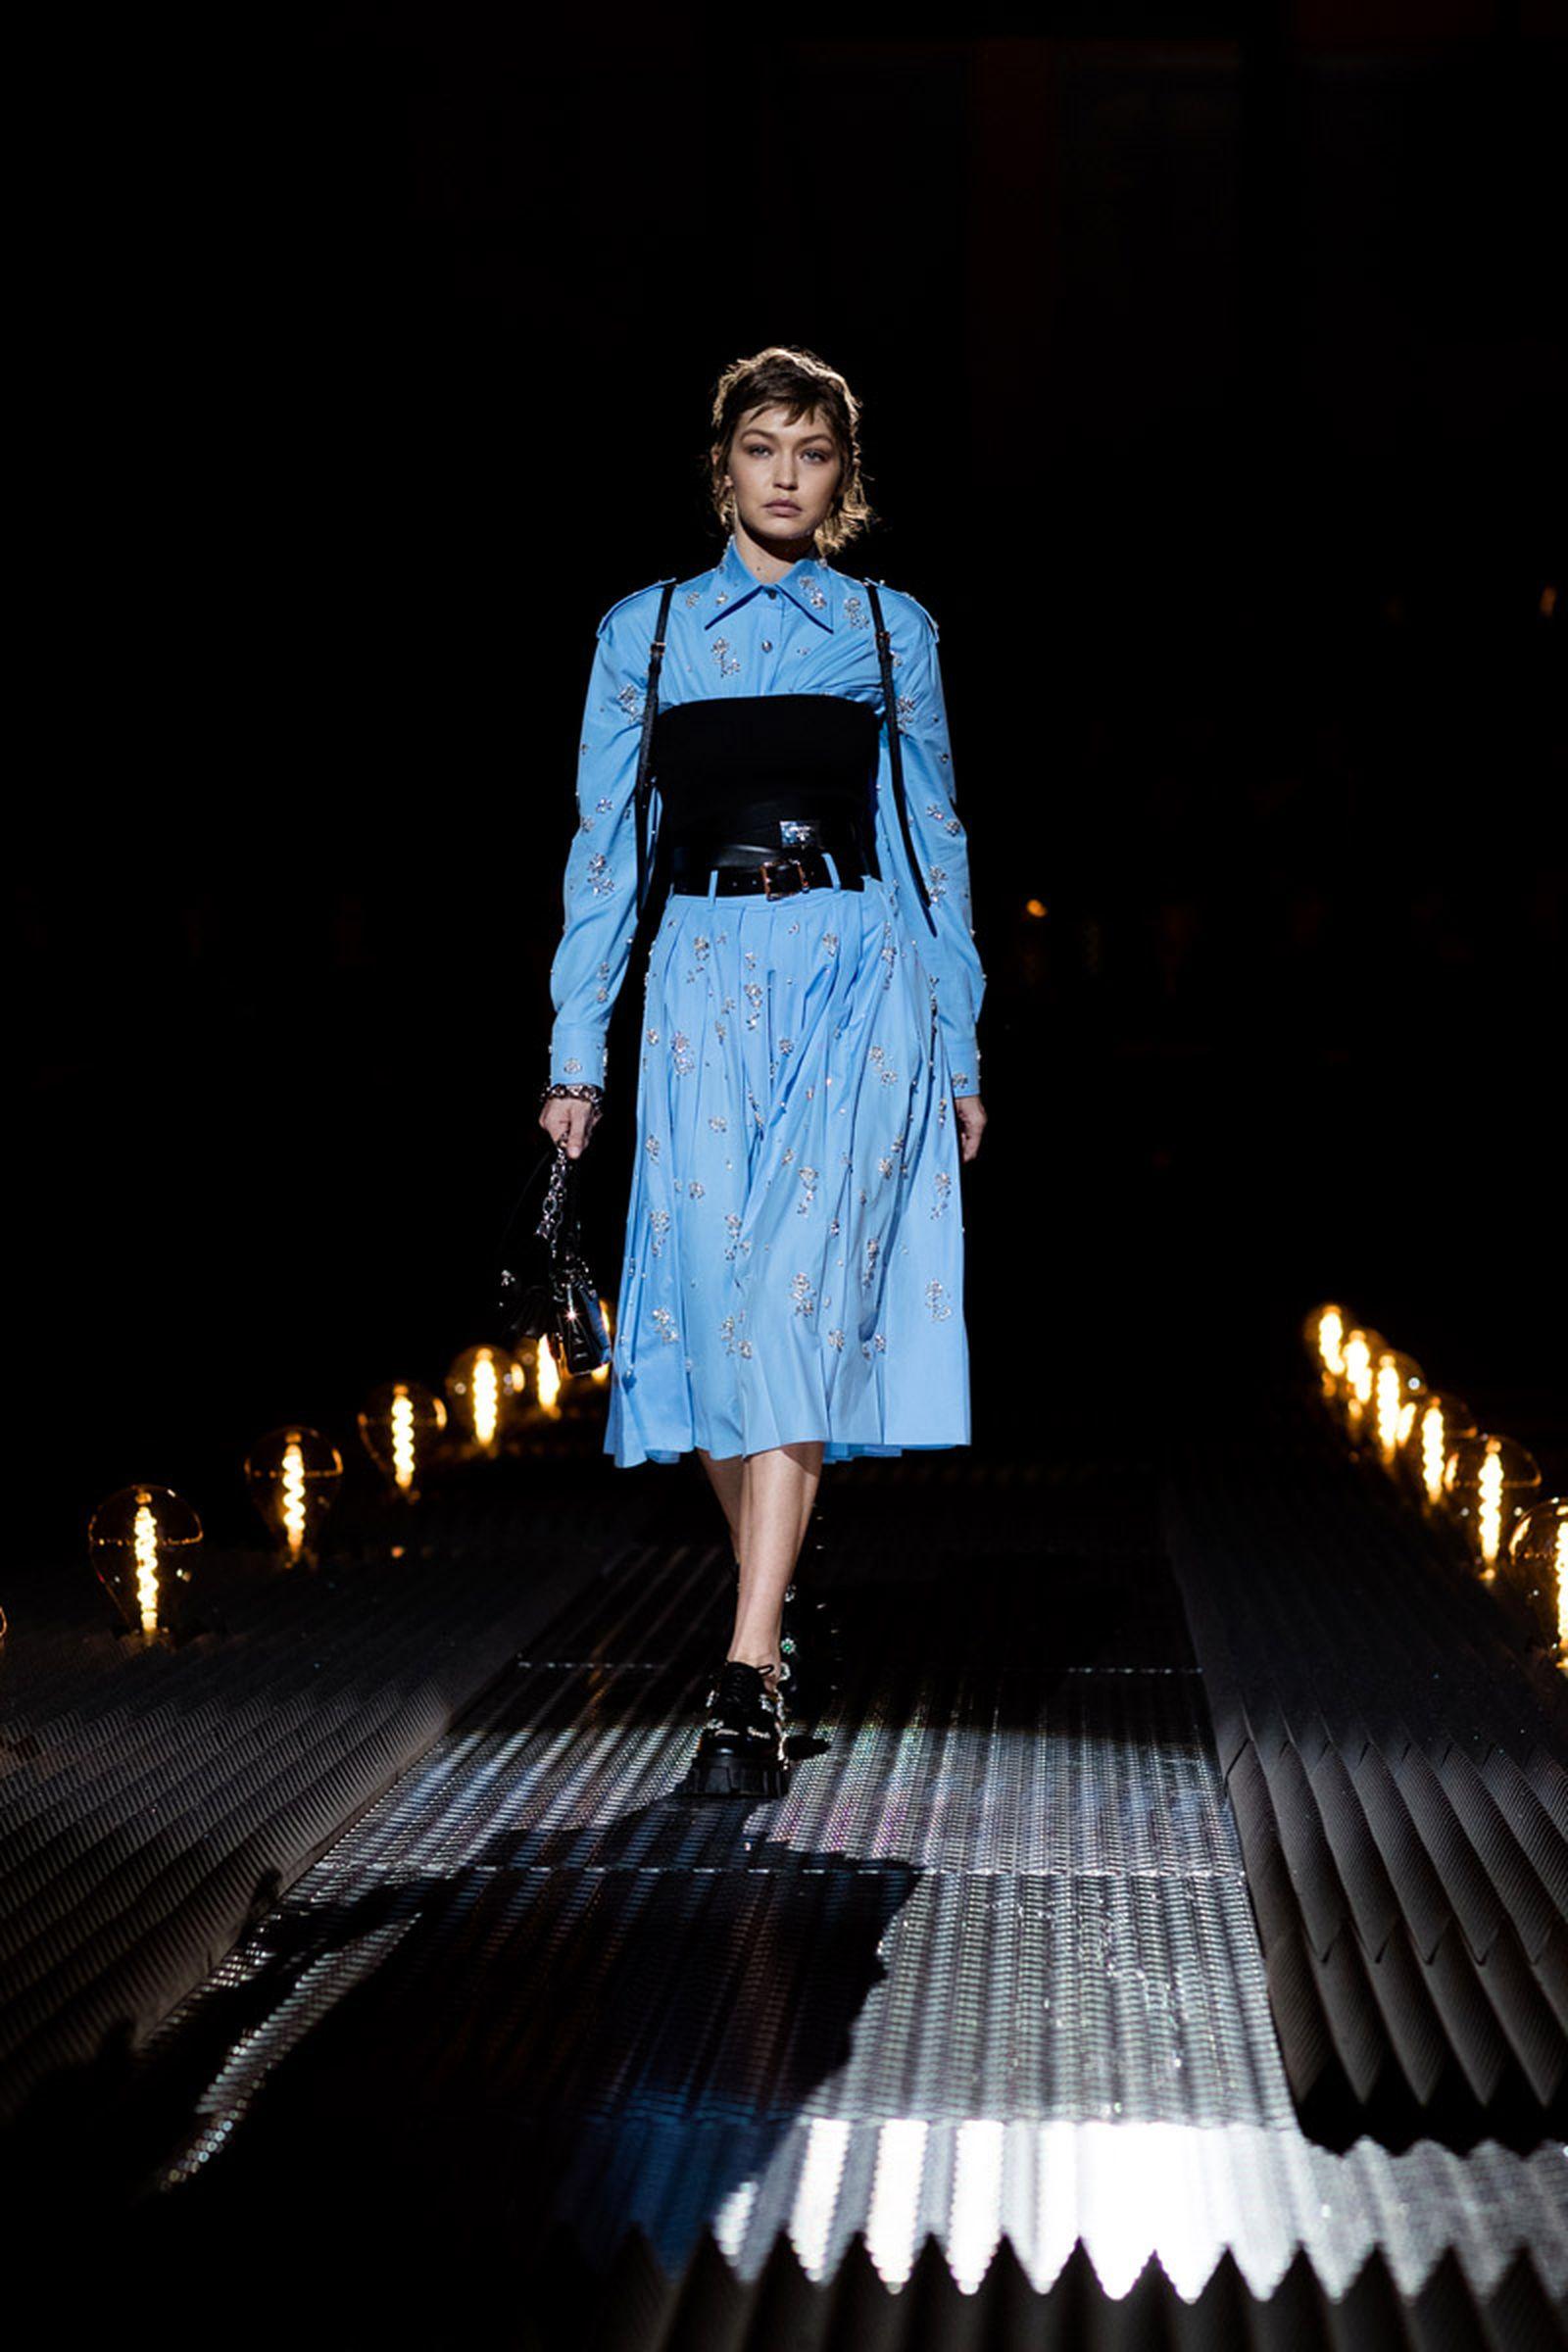 12prada fw19 milan fashion week rumway runway